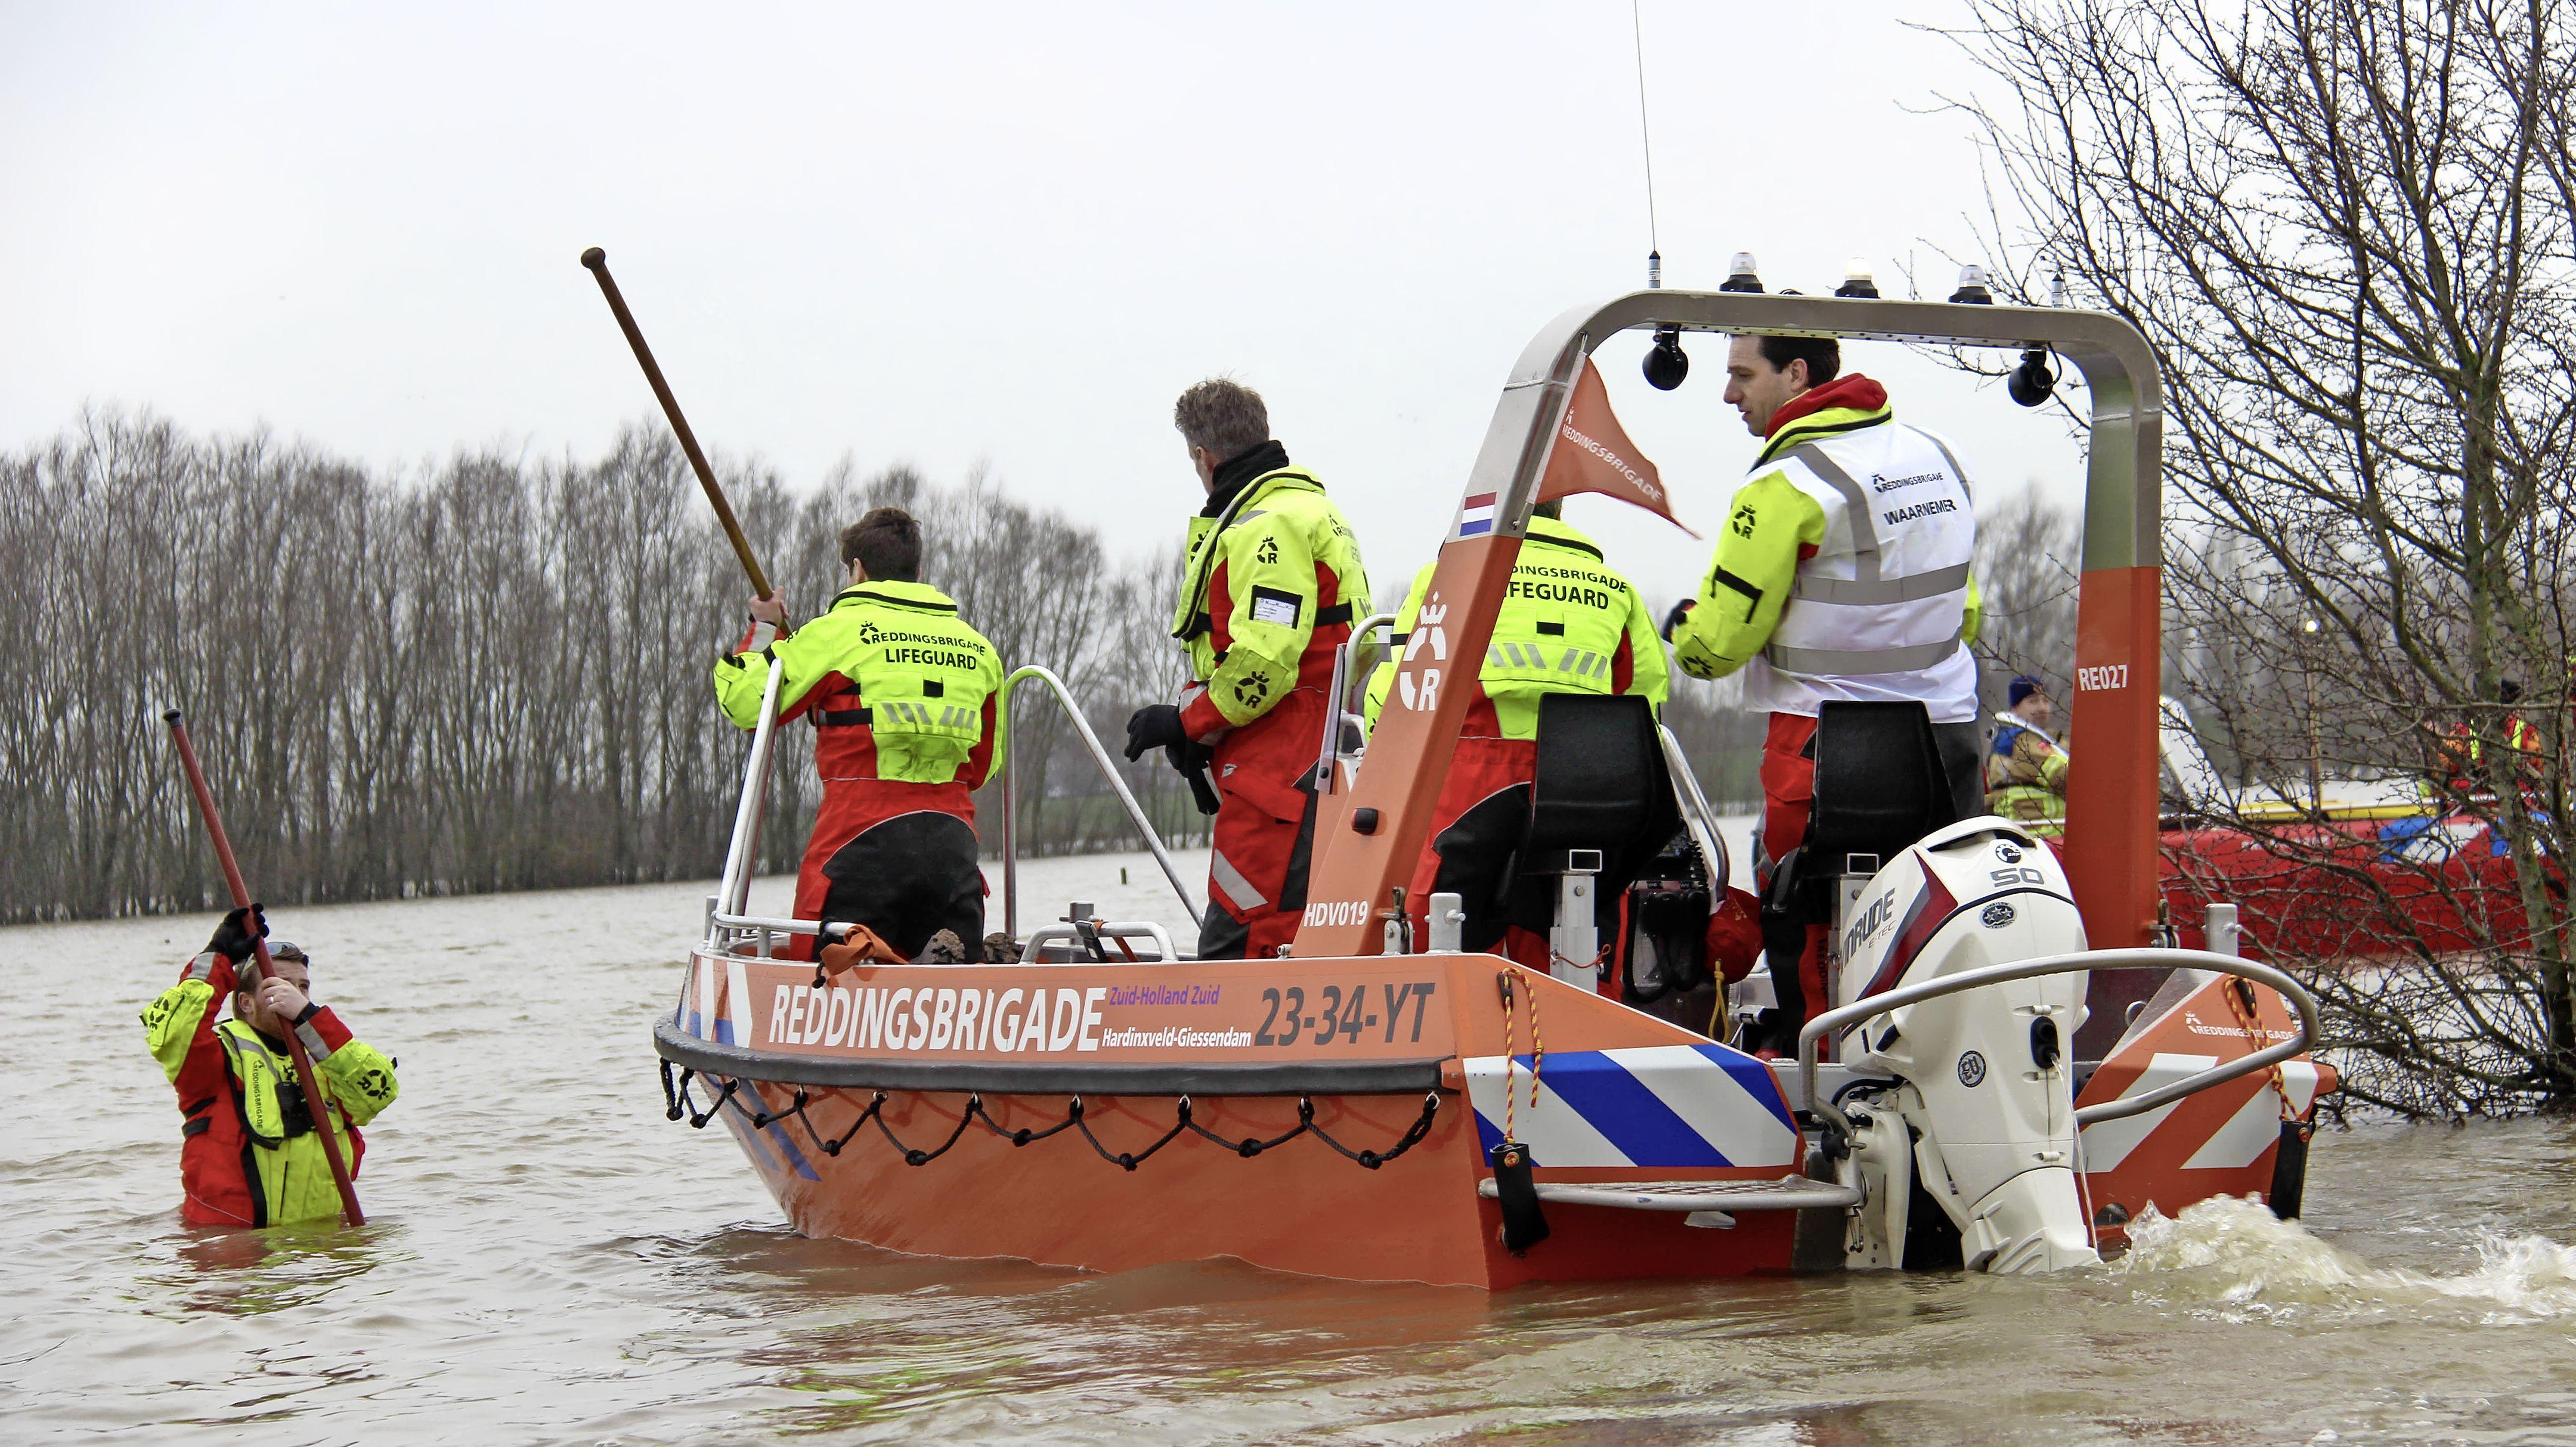 Bij grote watercalamiteiten en overstromingen rukt de Nationale Reddingsvloot uit. Veiligheidsregio draait op voor kosten van vier vaartuigen met bemanningen